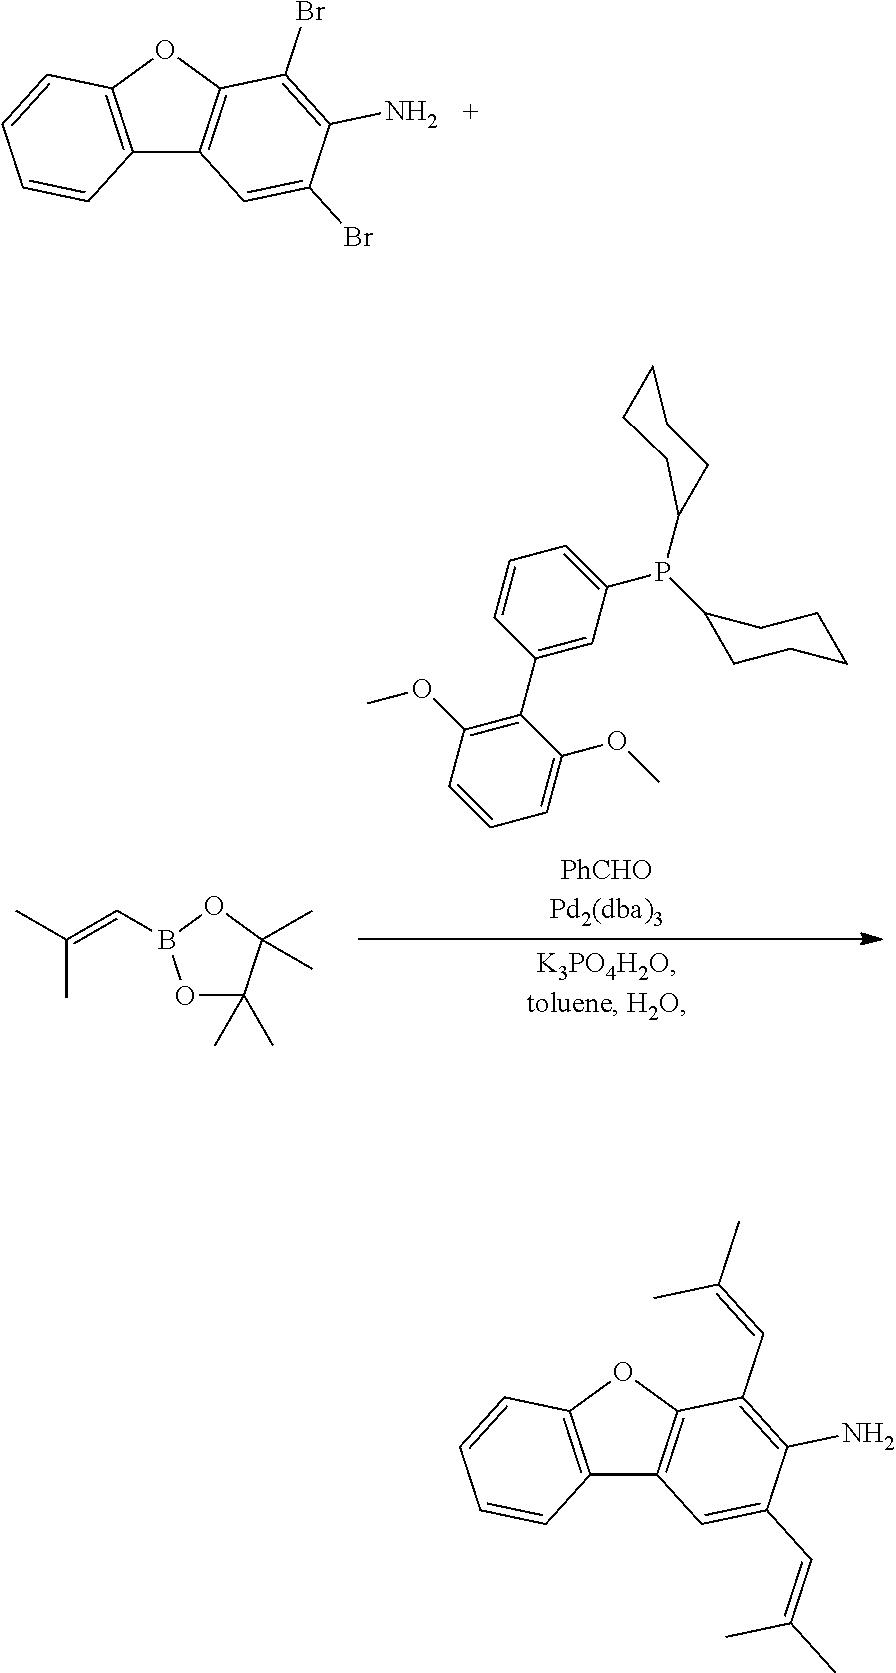 Figure US20110204333A1-20110825-C00235